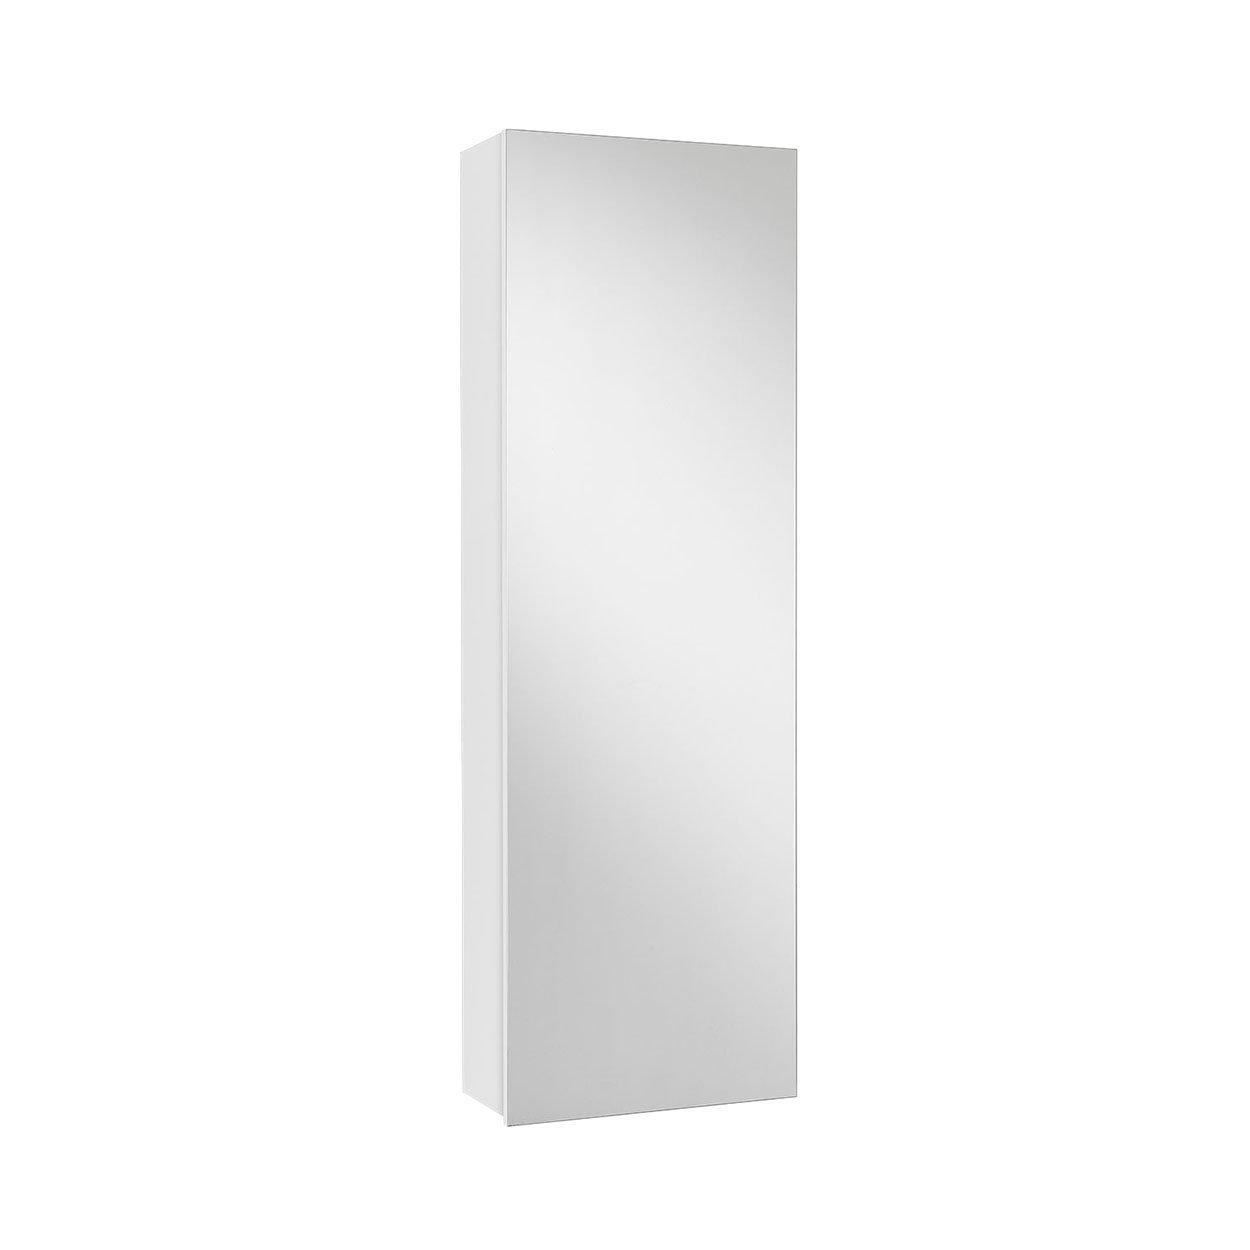 Bianco che passione Scarpiera/Scaffale con specchio FREE, bianco